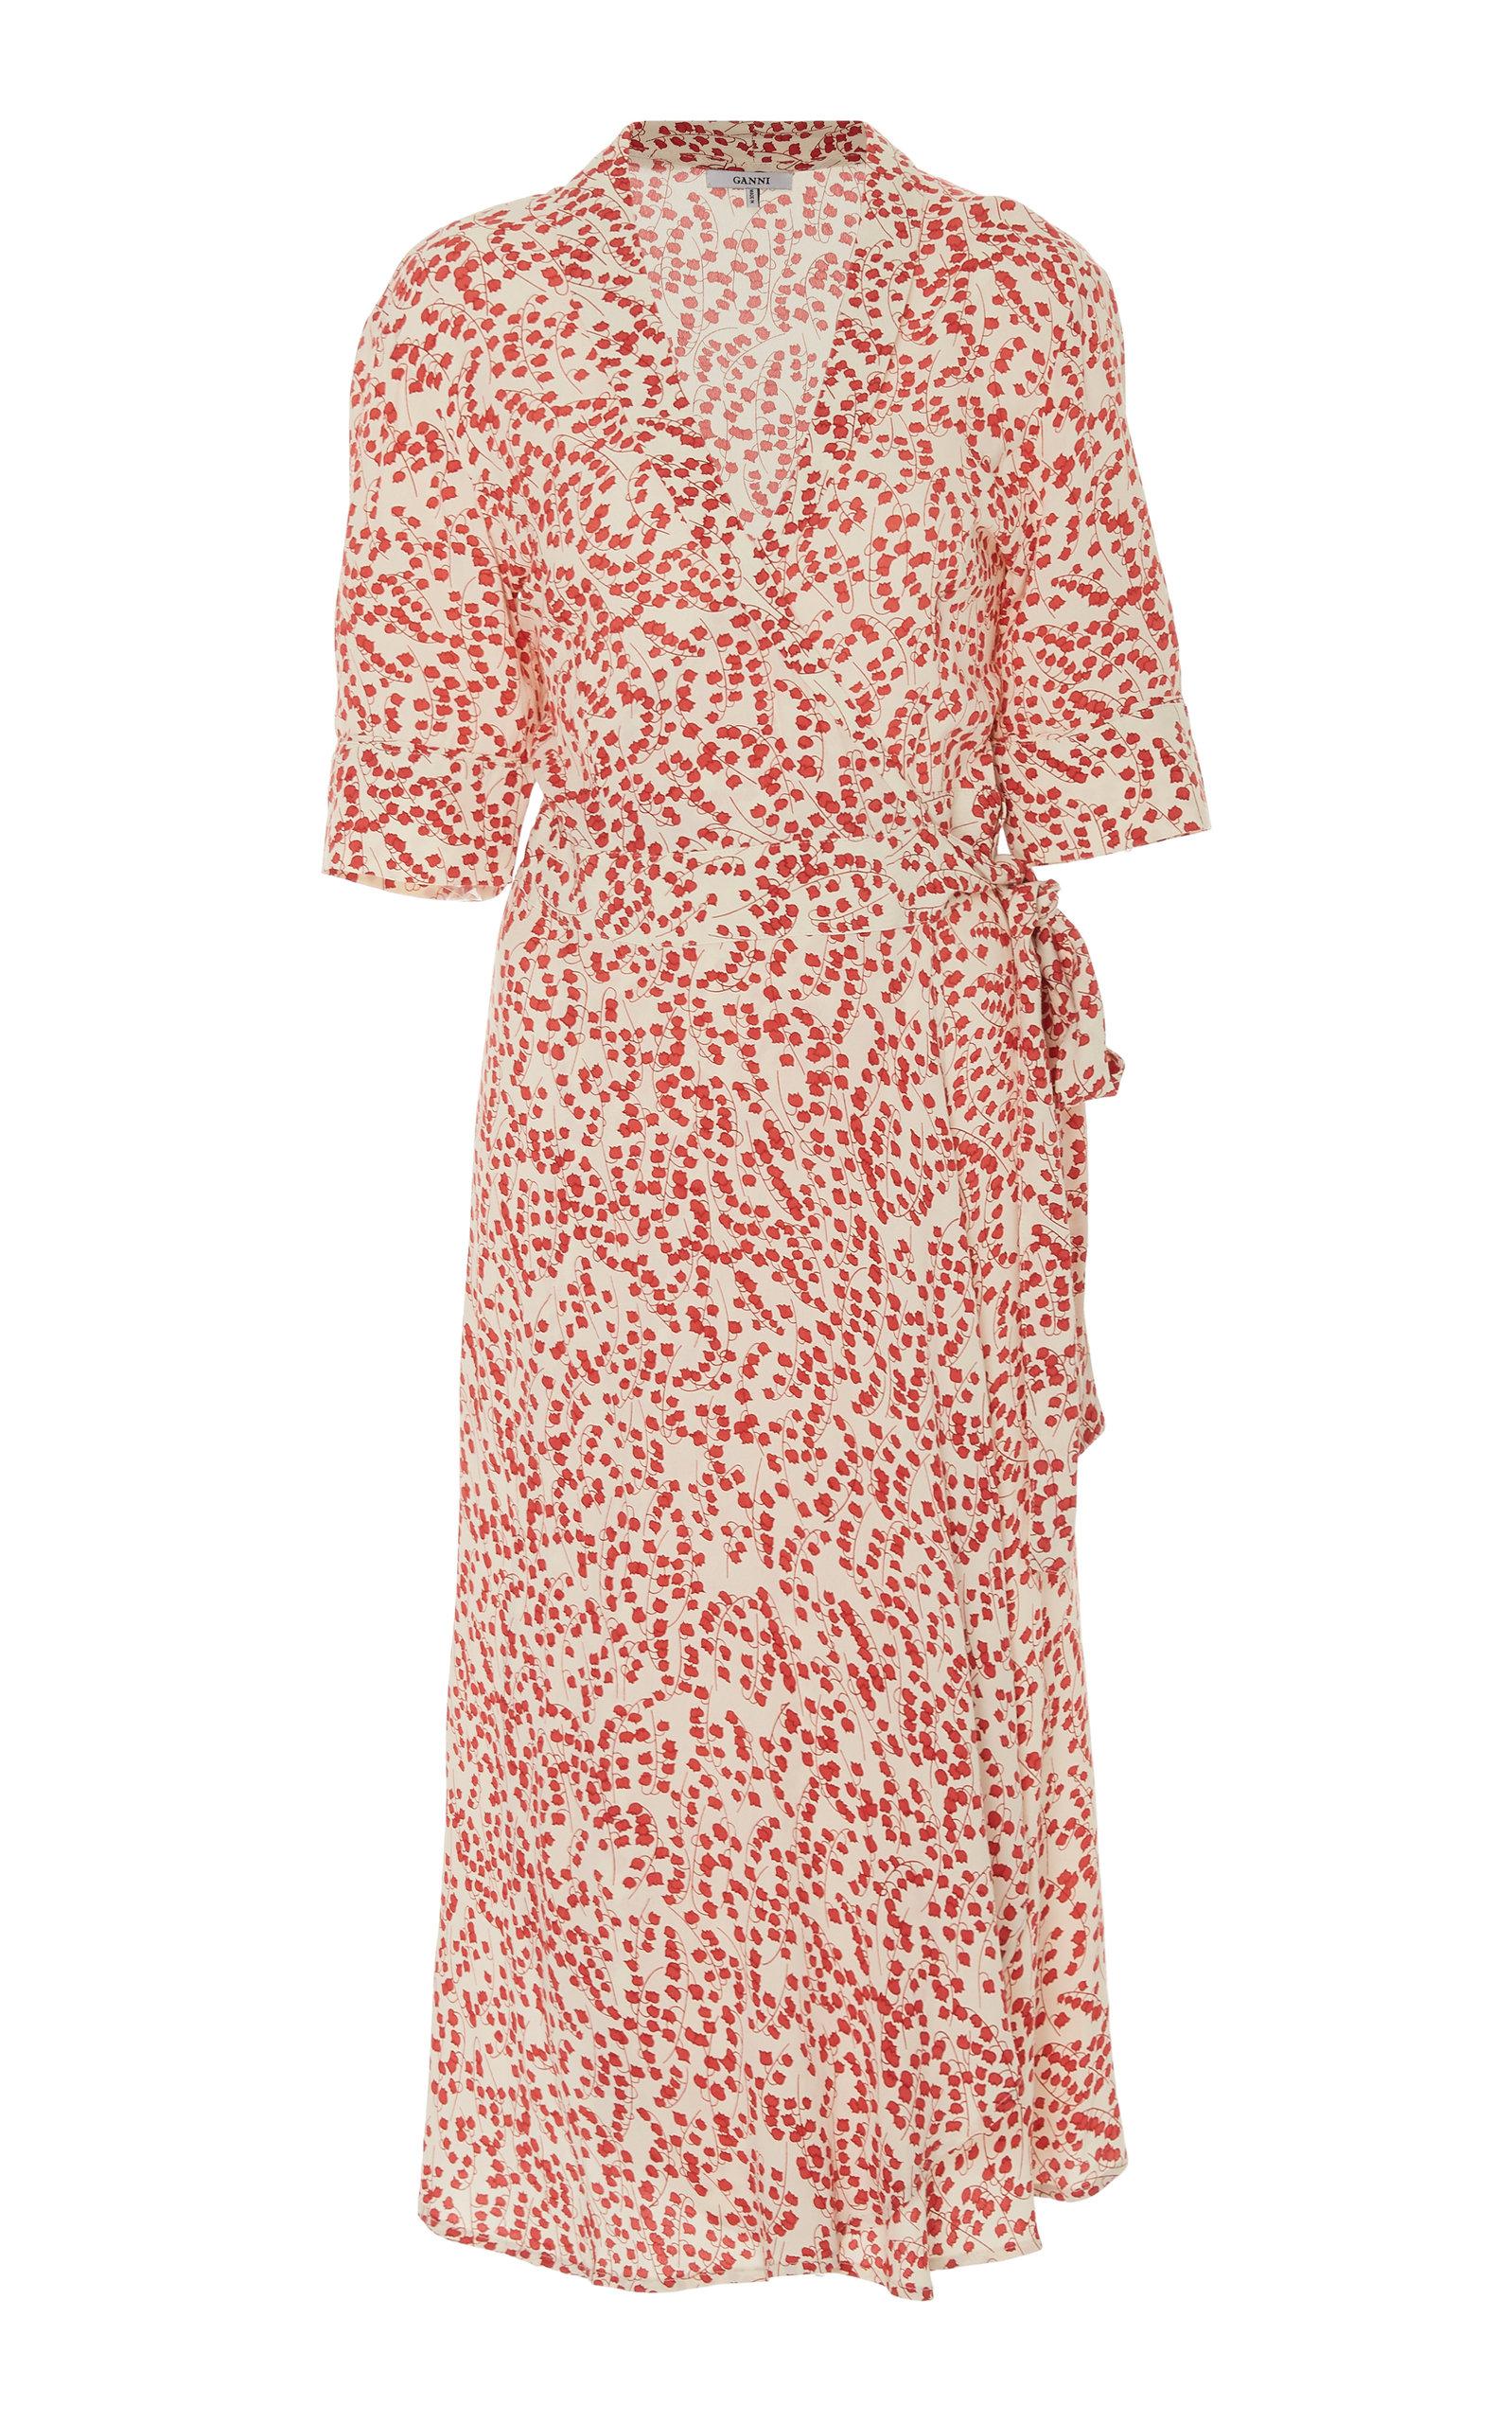 332e7843c2ad5 Printed Crepe Midi Wrap Dress by Ganni   Moda Operandi